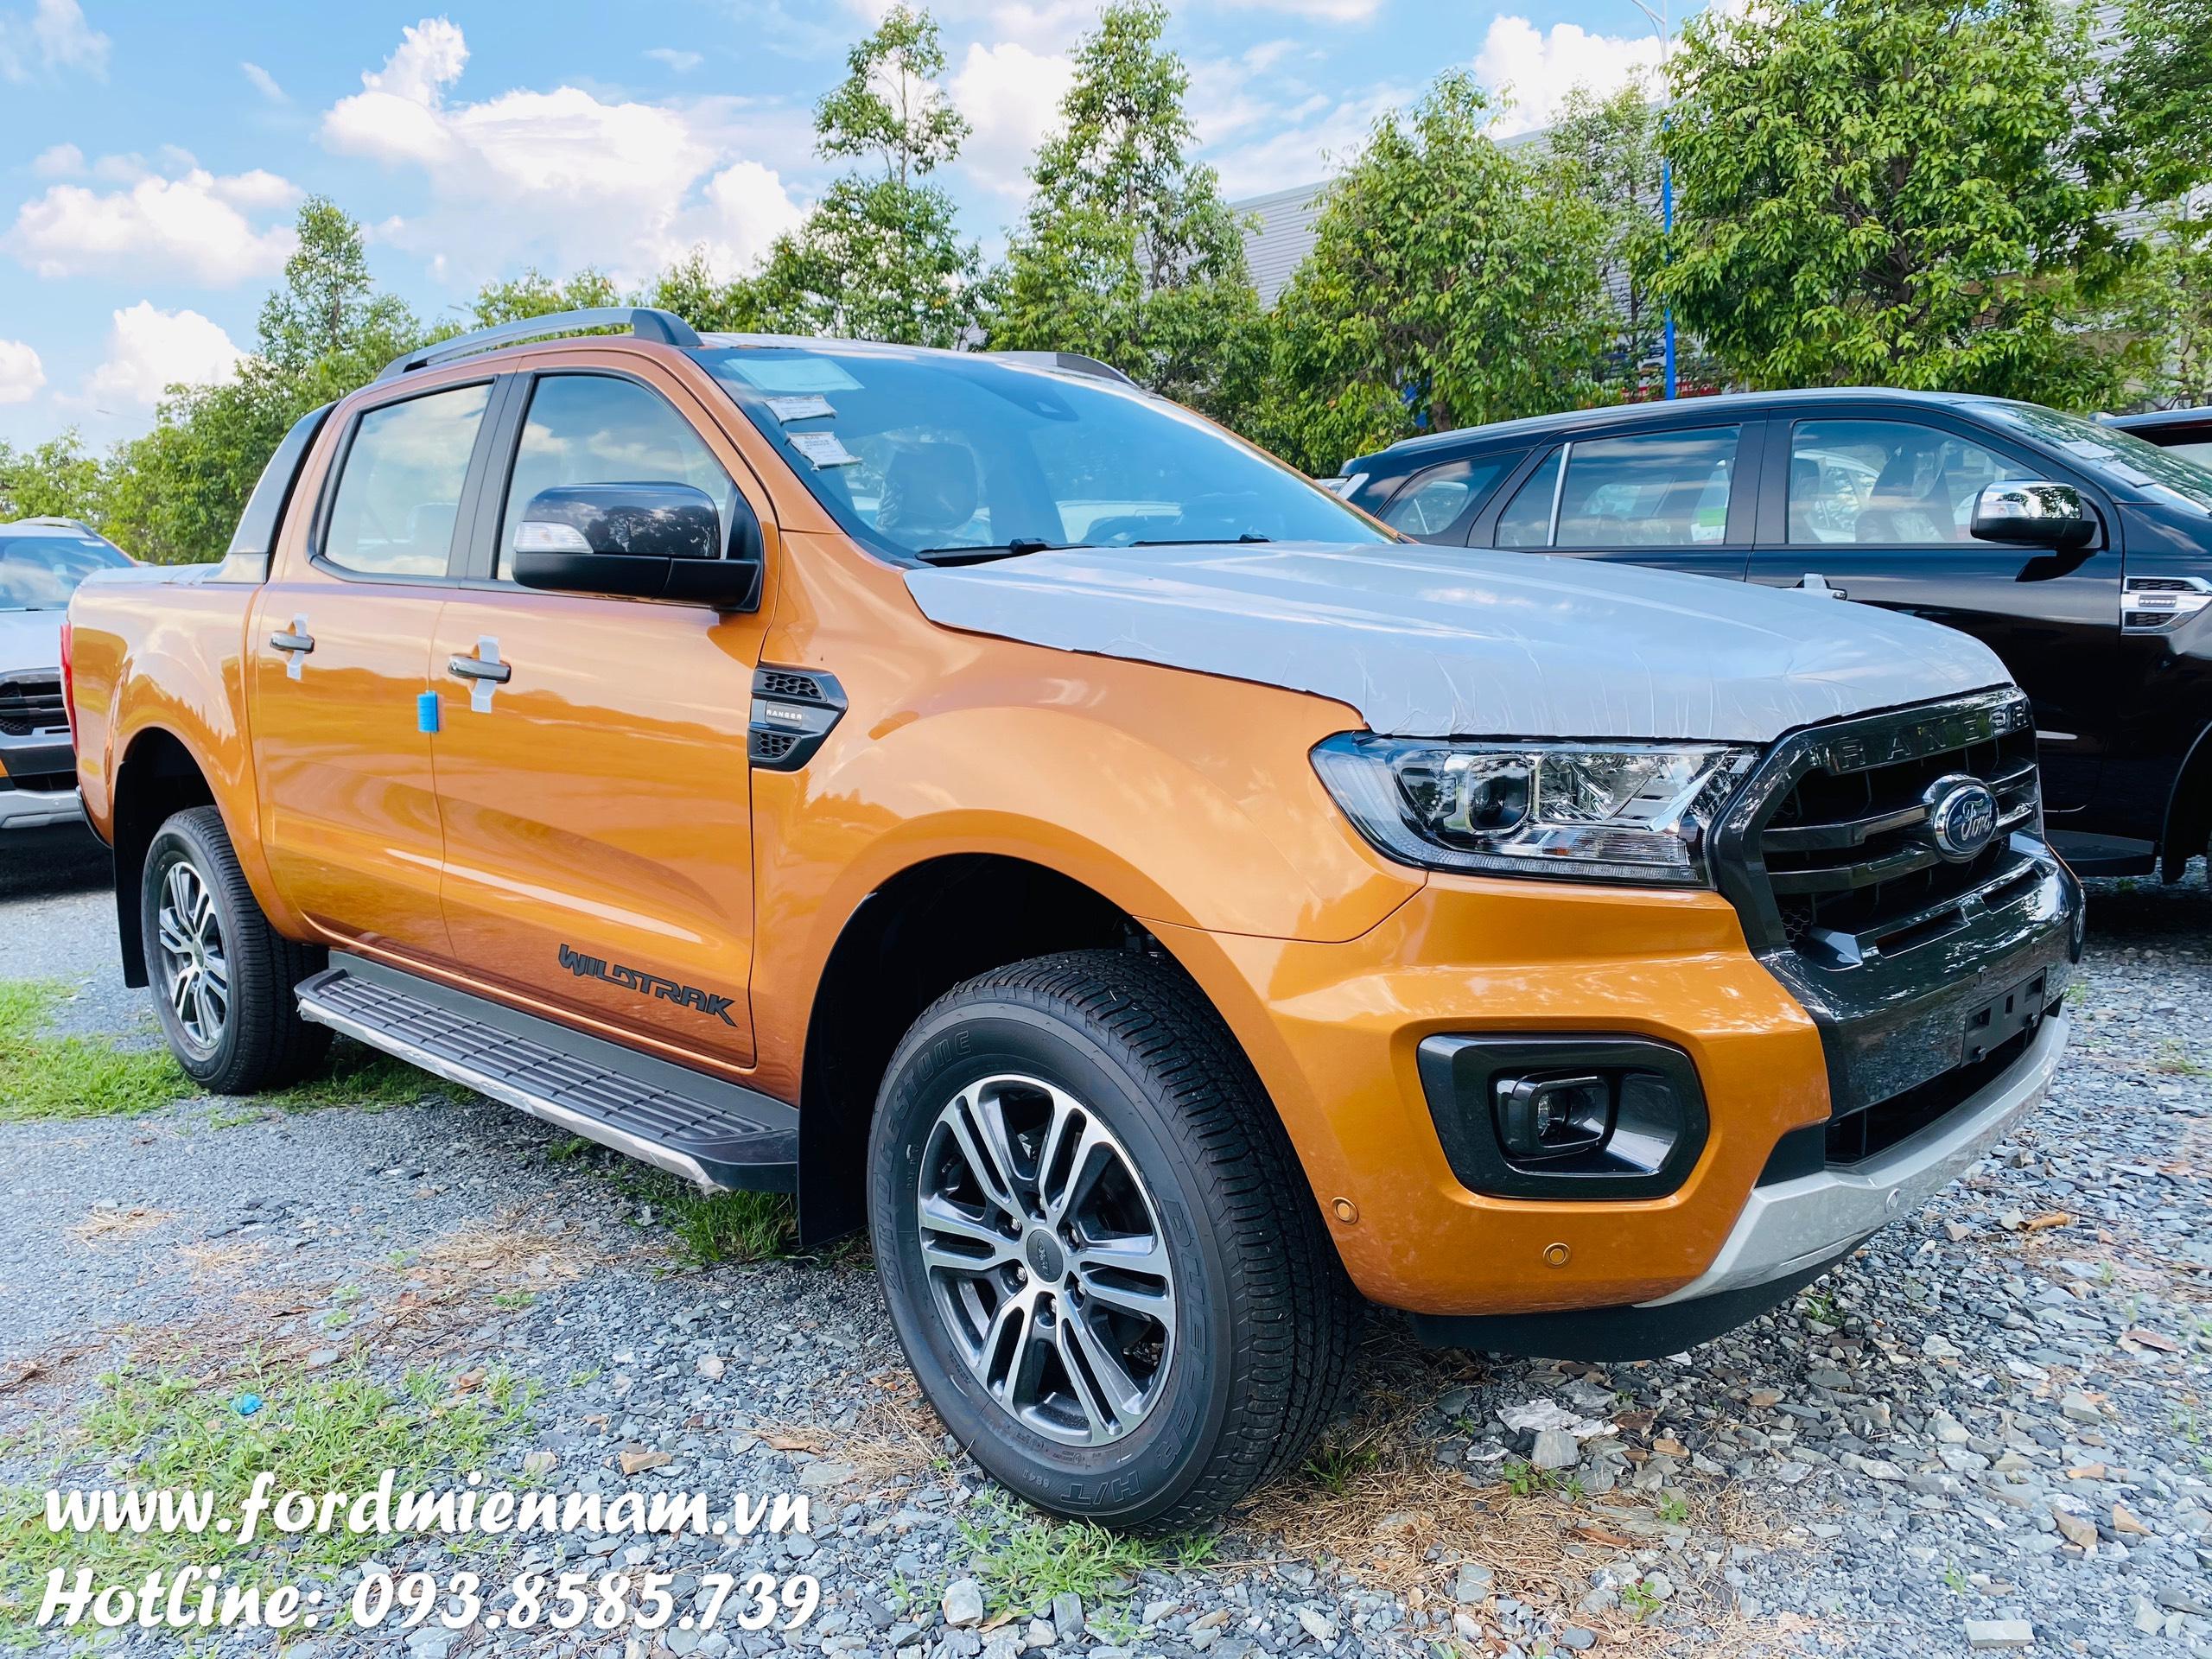 Giá lăn bánh Ford Ranger XLS 2020 ở Bình Dương